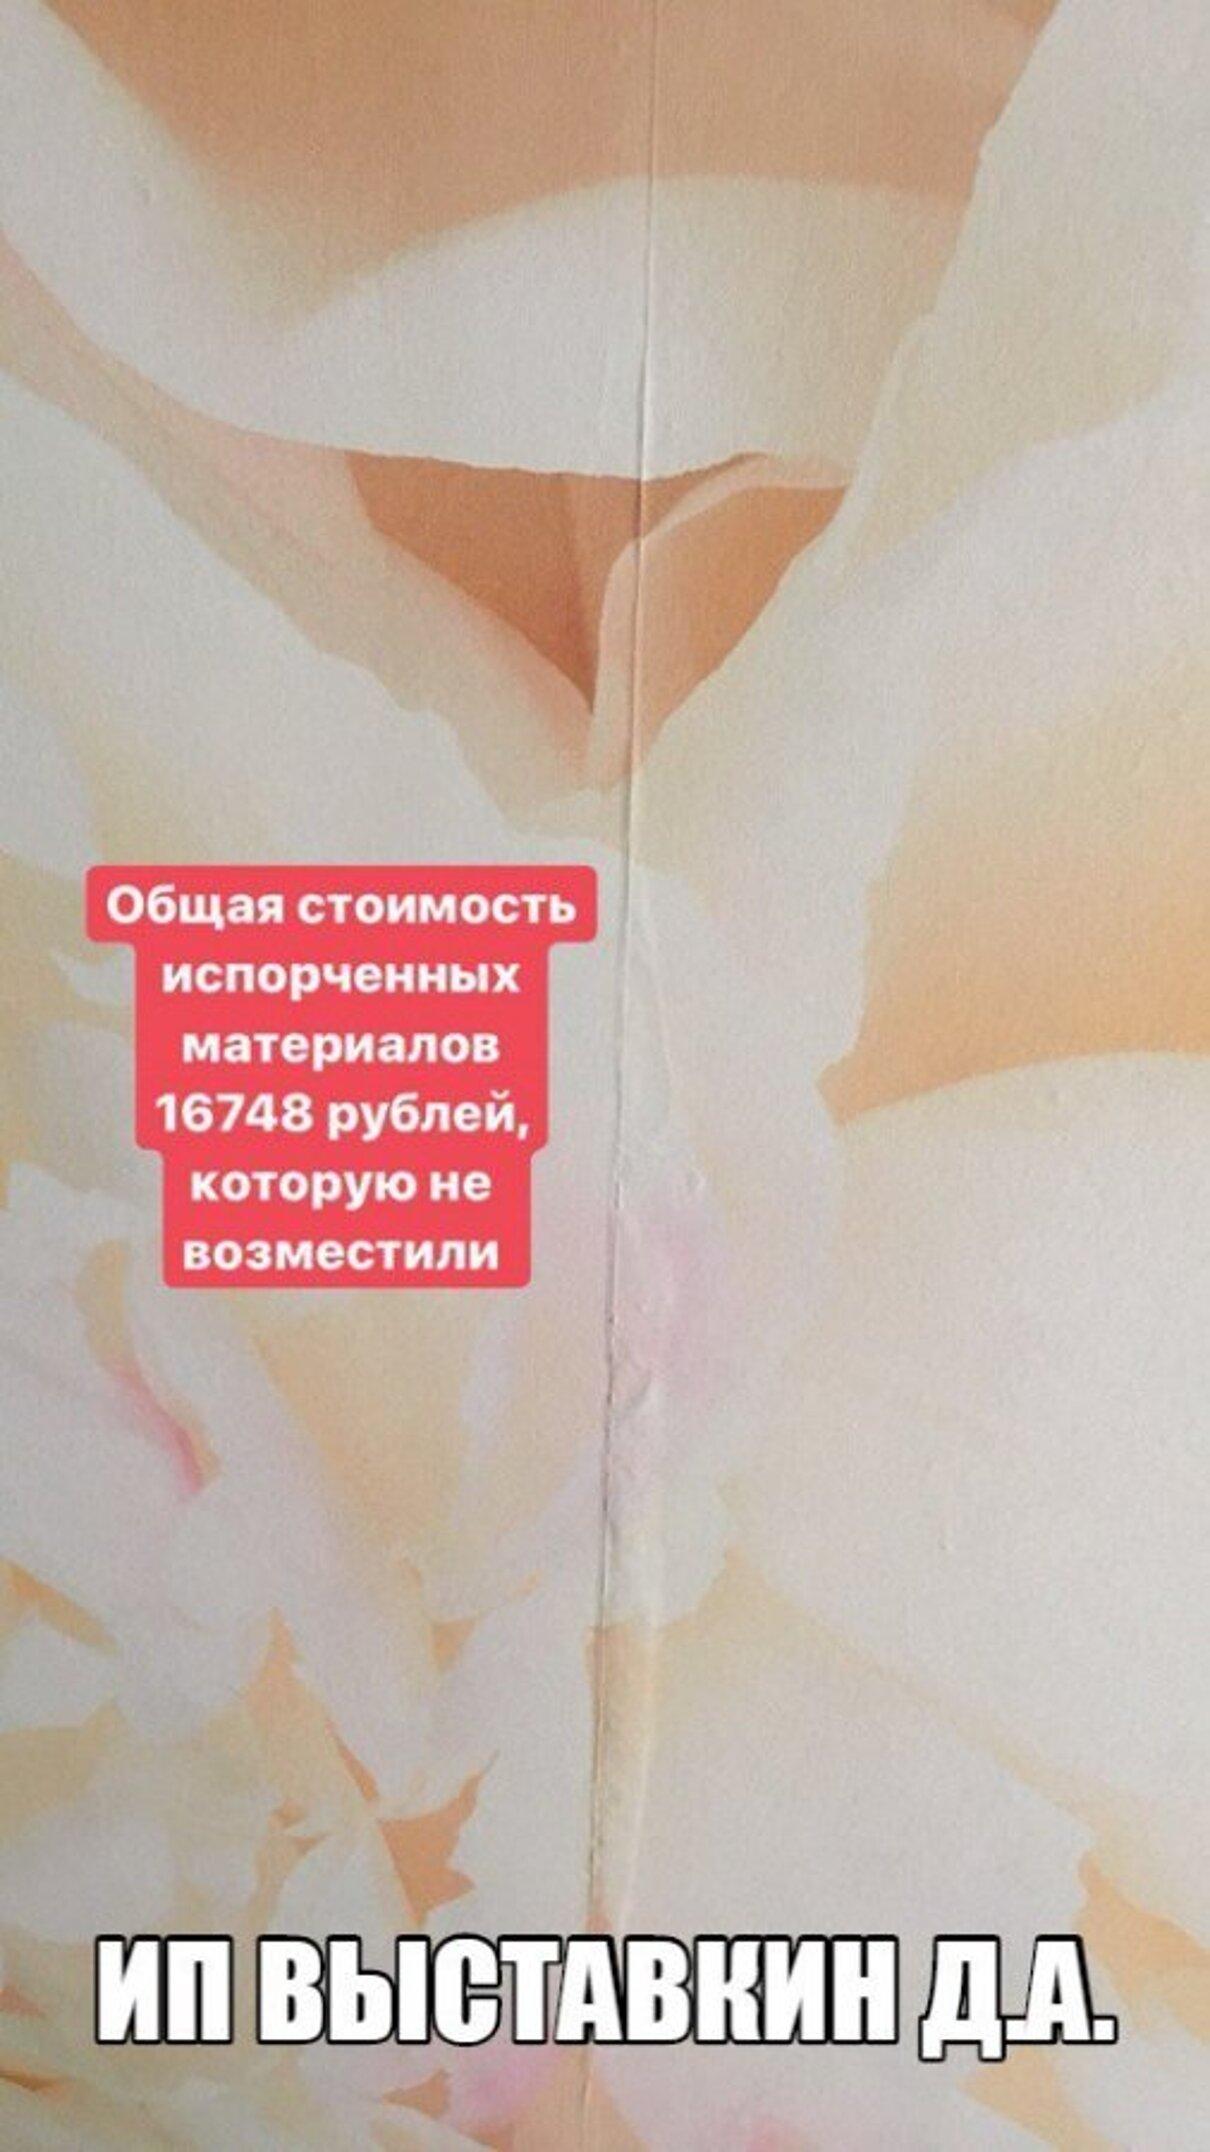 Жалоба-отзыв: ИП Выставкин Дмитрий Анатольевич (Pro мастер) - НЕкачественный ремонт квартир под ключ в Сыктывкаре.  Фото №2